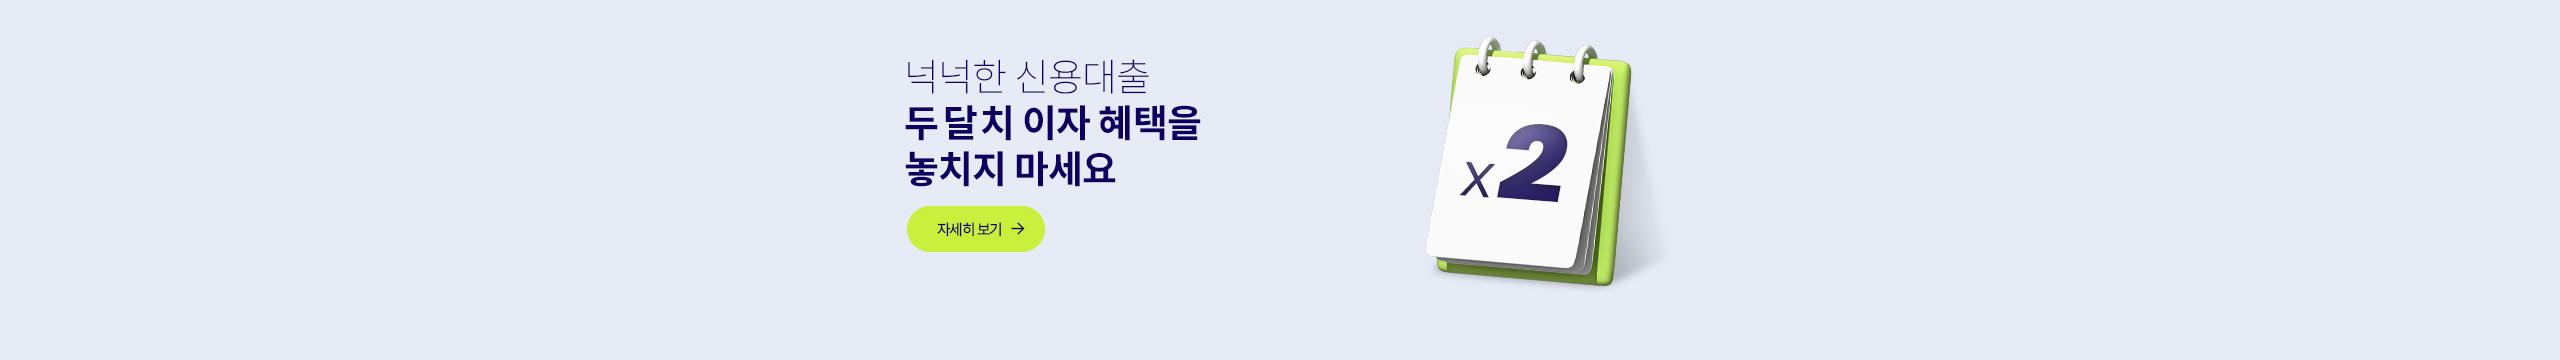 PC메인상단_중저신용자